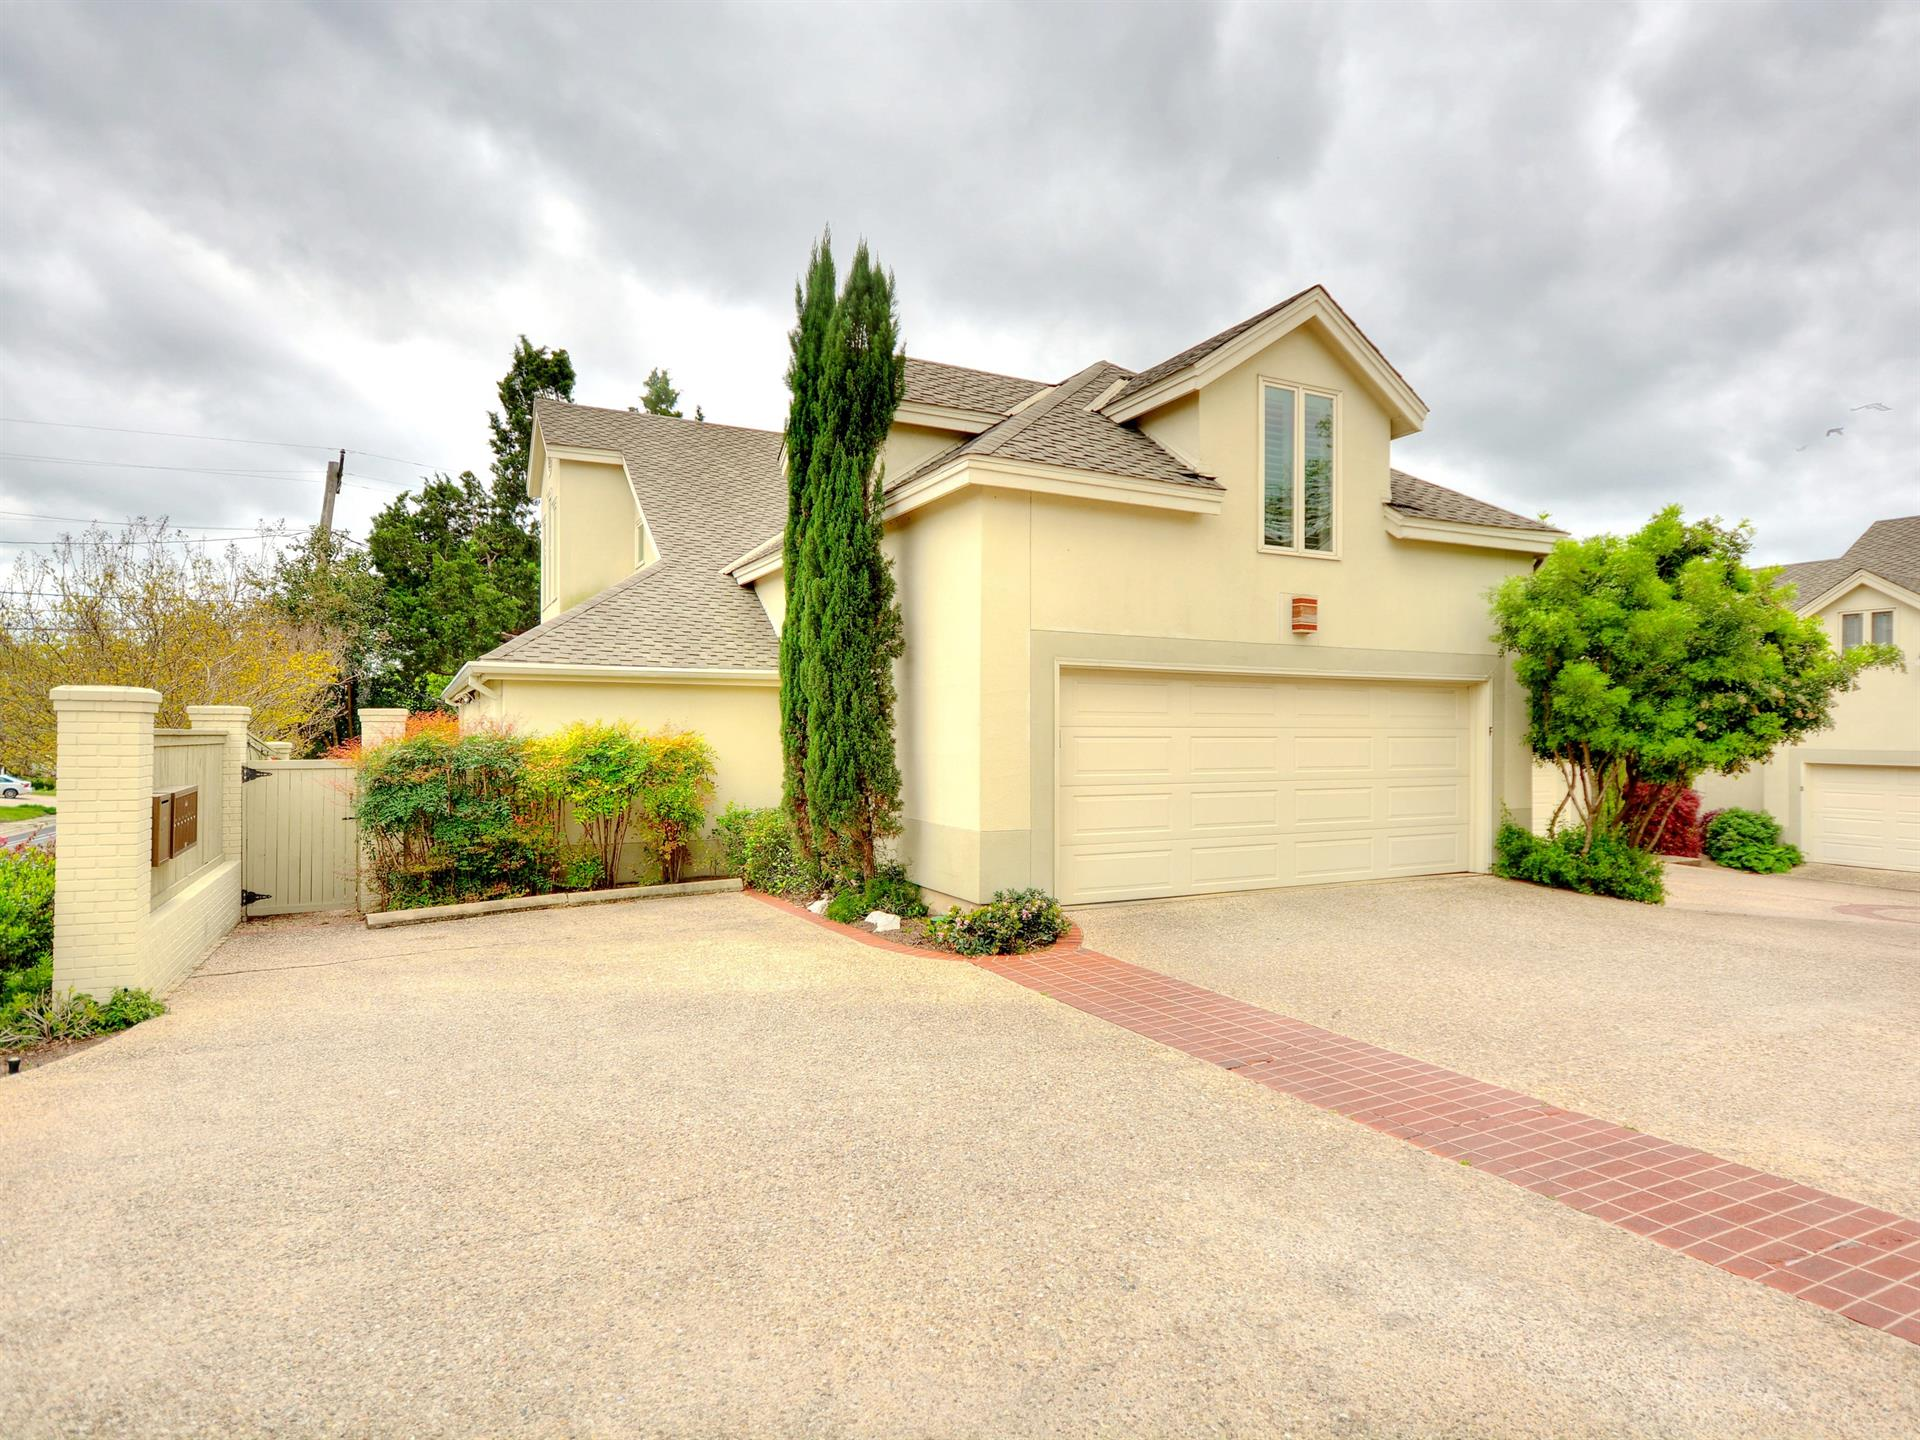 Casa por un Venta en 3111 F Windsor Road Unit#106 Other Areas, Texas Estados Unidos